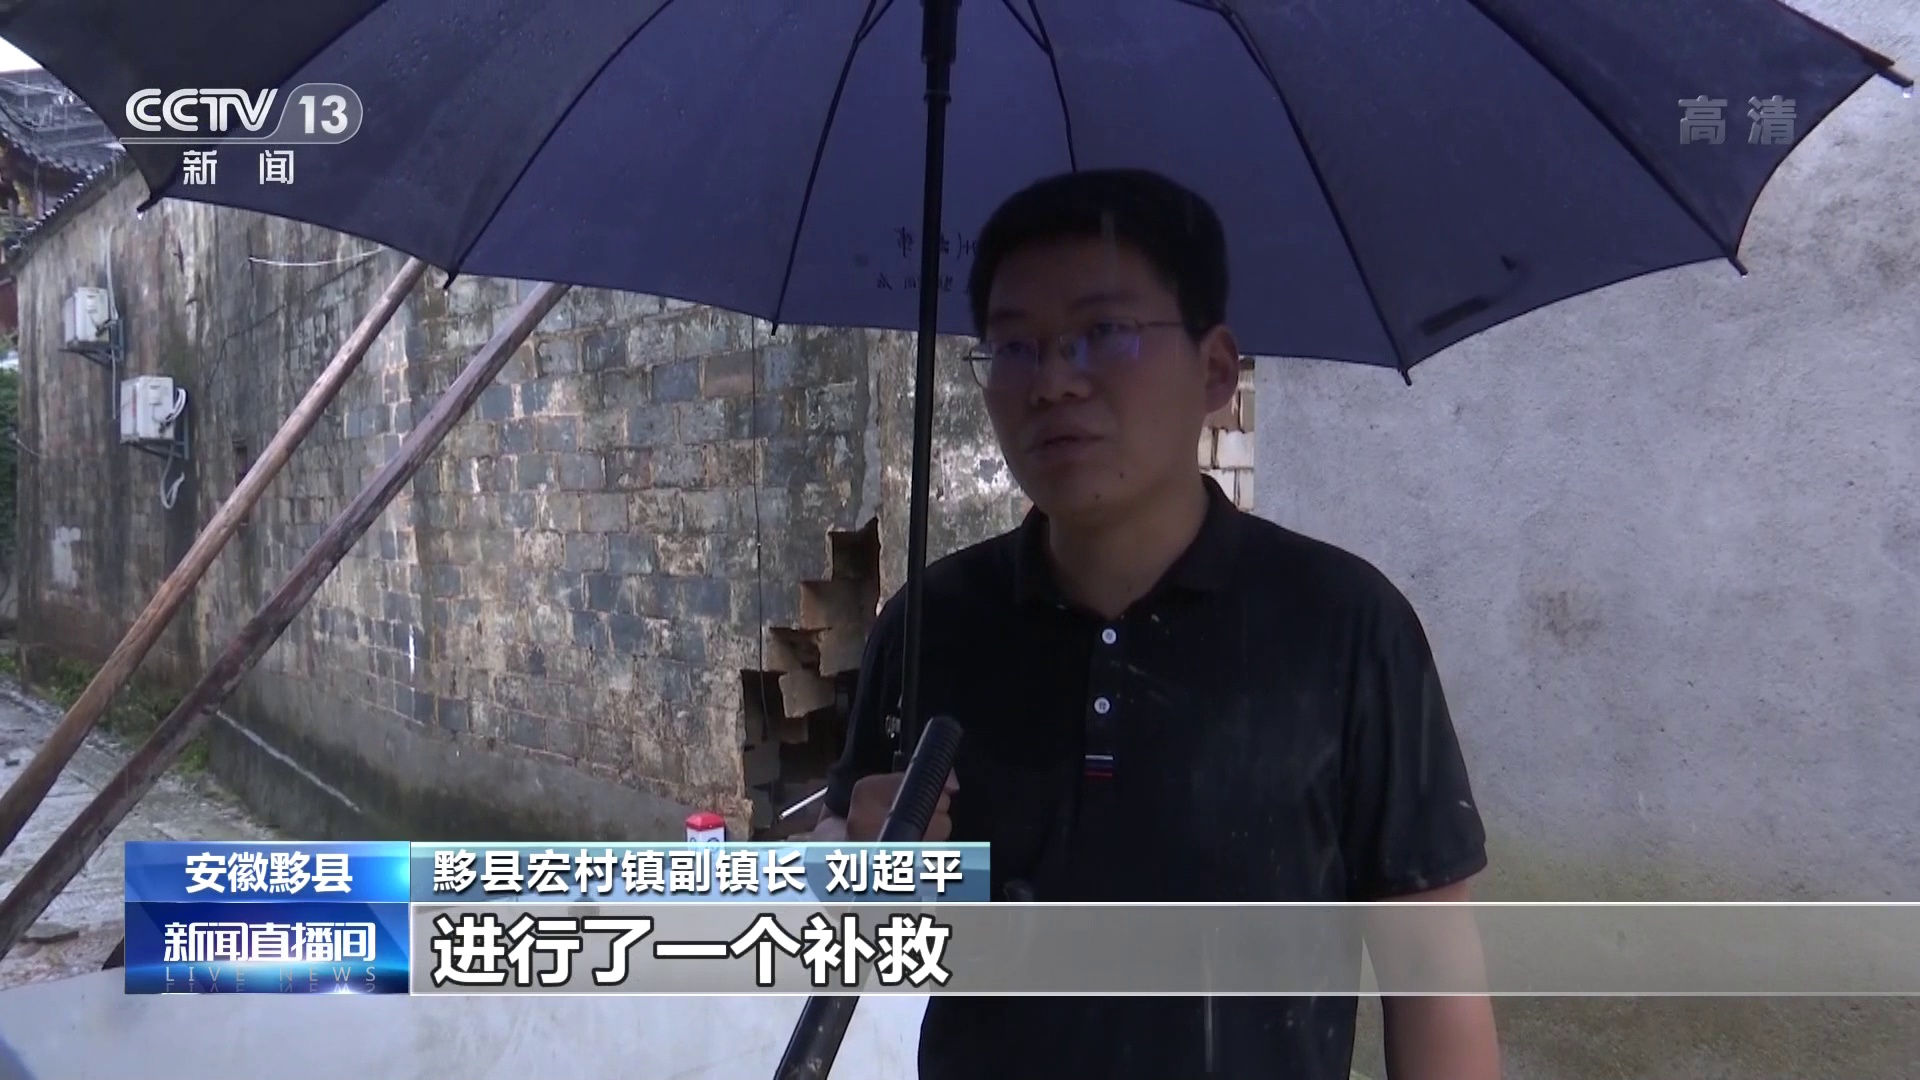 [杏悦]安徽黟县洪水杏悦消退生产生活逐步恢复图片